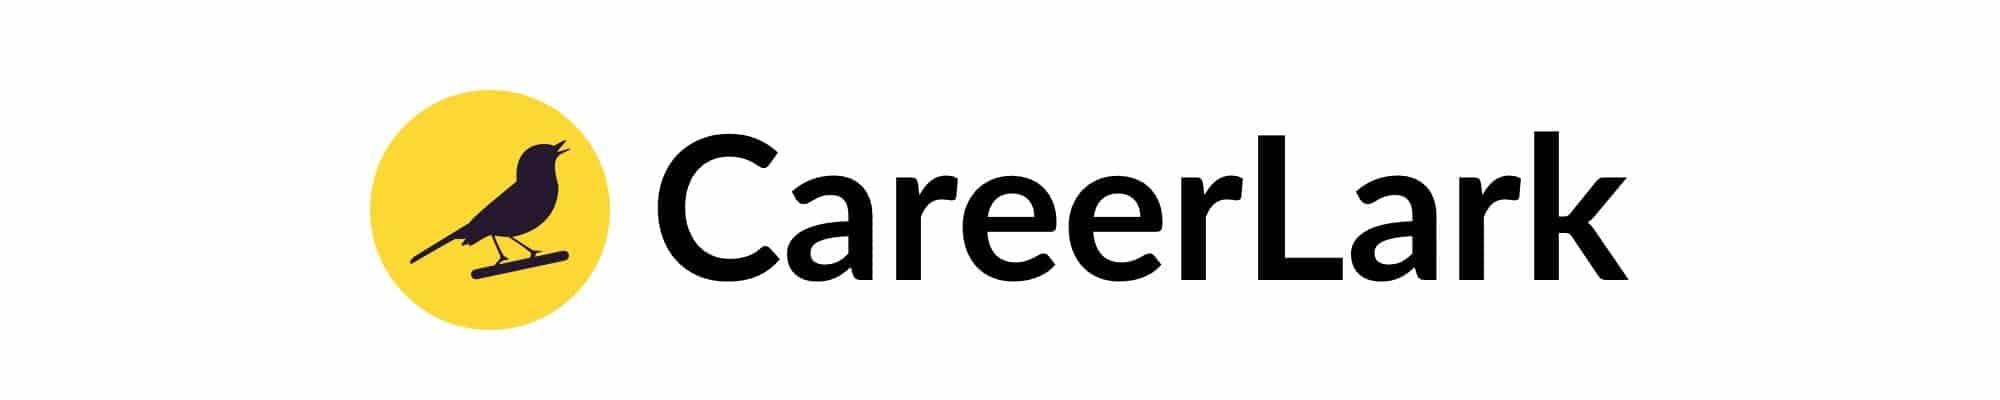 CareerLark logo